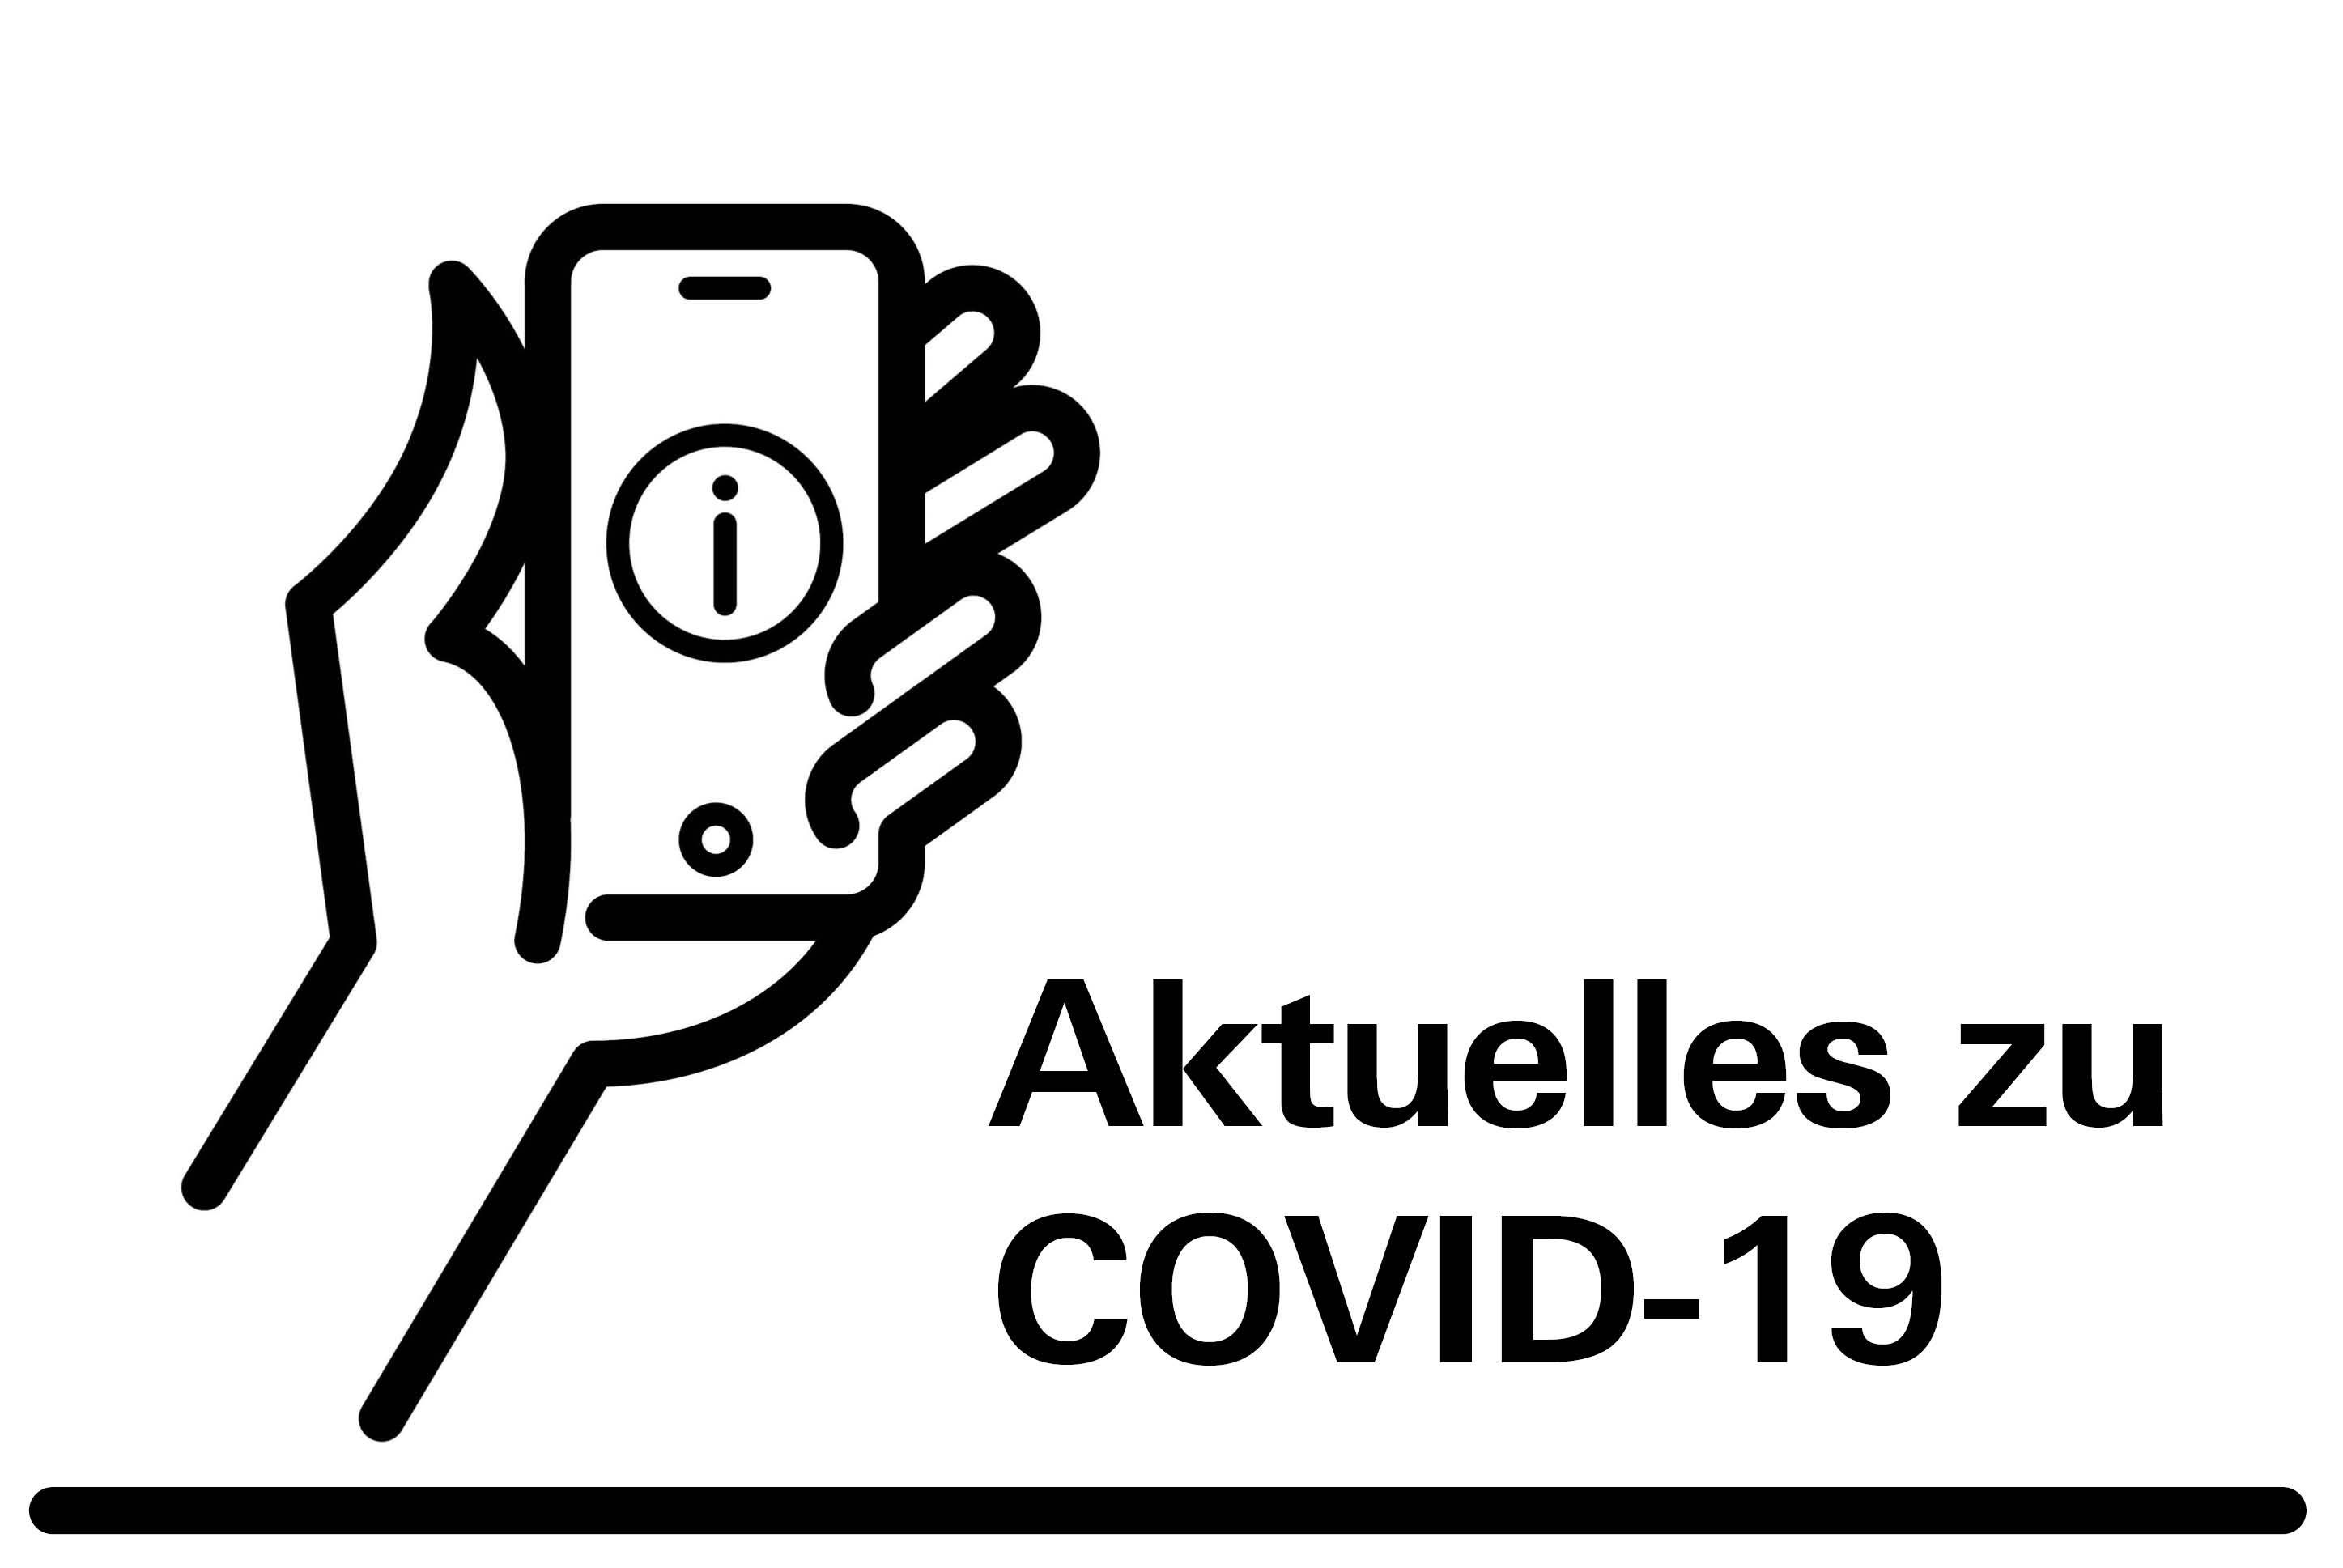 coronavirus geheilte patienten